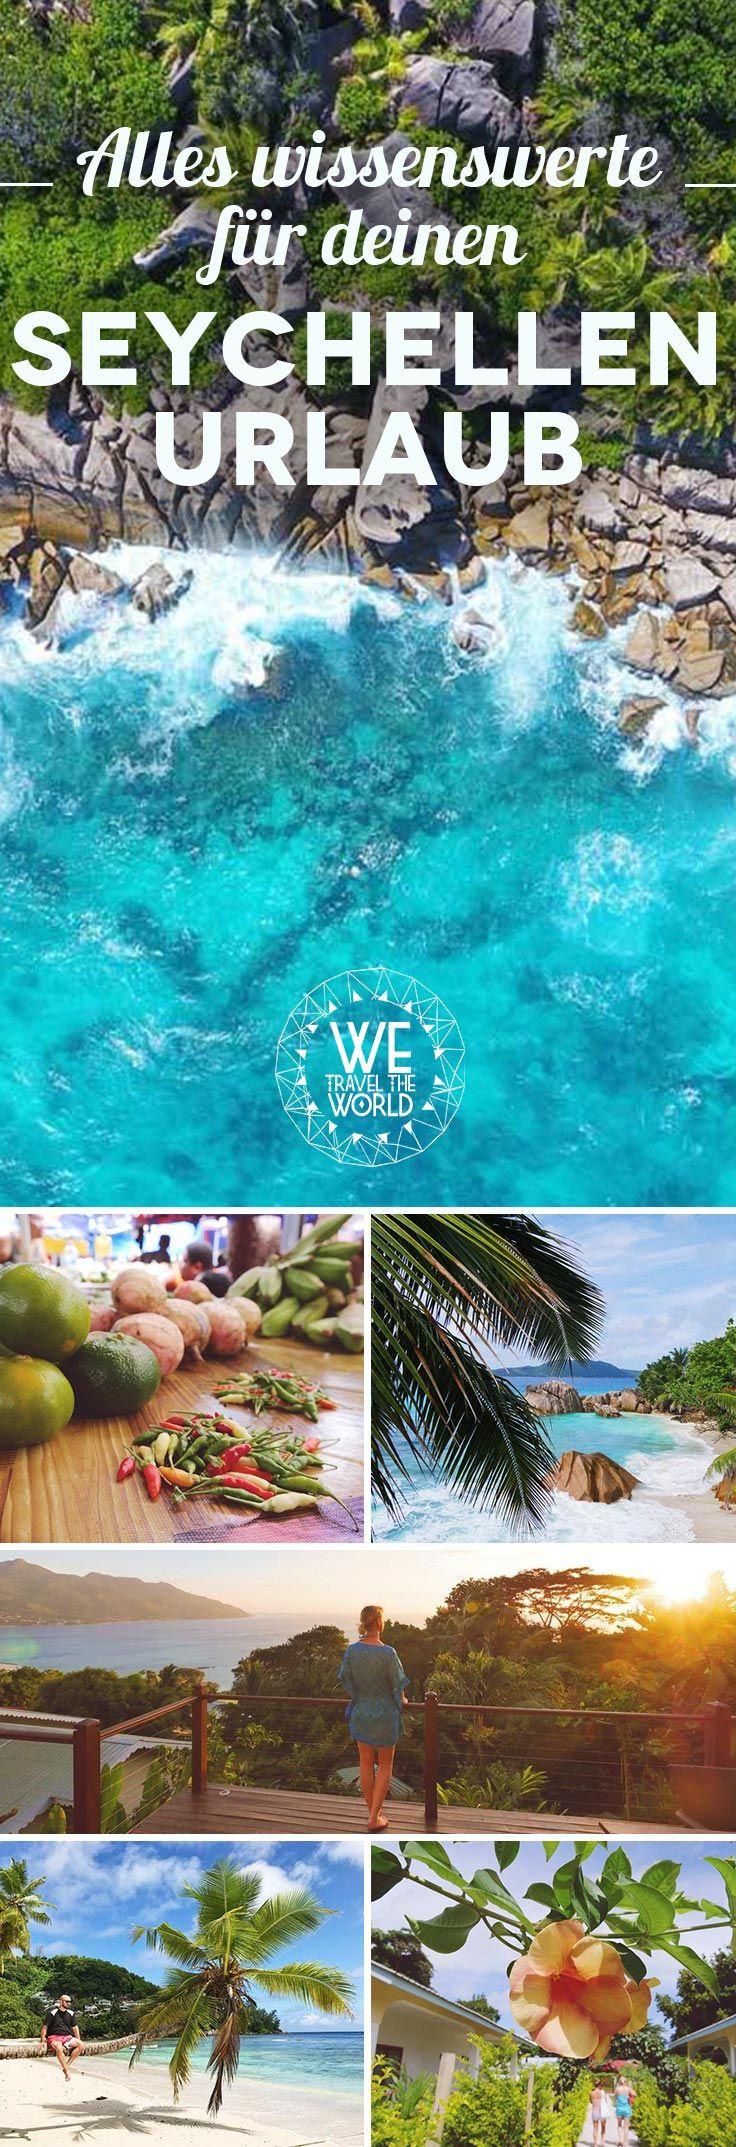 Alles was du für deinen Seychellen Urlaub wissen musst. Inklusive Unterkünften, Kosten; Highlights und Tipps für deine Seychellen Reise. Abstecher nach La Digue und Mahé #seychelles #seychellen #reisetipps #highlights #paradies